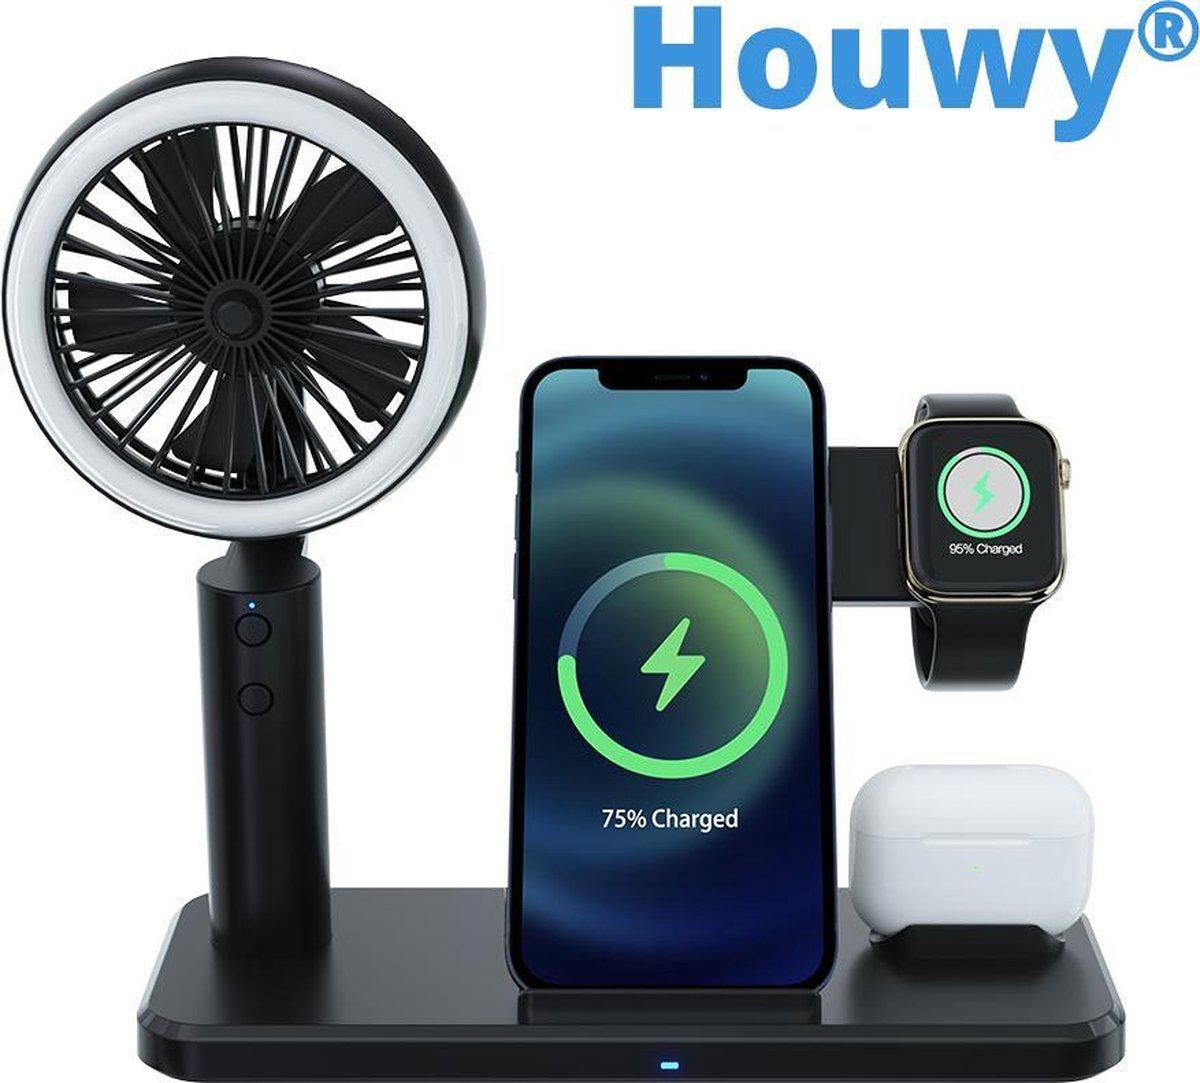 4 in 1 Charging Dock - Oplader - Oplader Iphone - Oplader Samsung - Wireless Charger - Draadloze Oplader - Apple Watch - Apple Watch Lader - Airpods - Airpods Lader - Draadloze Oordopjes - Lader - Ventilator - Ringlamp